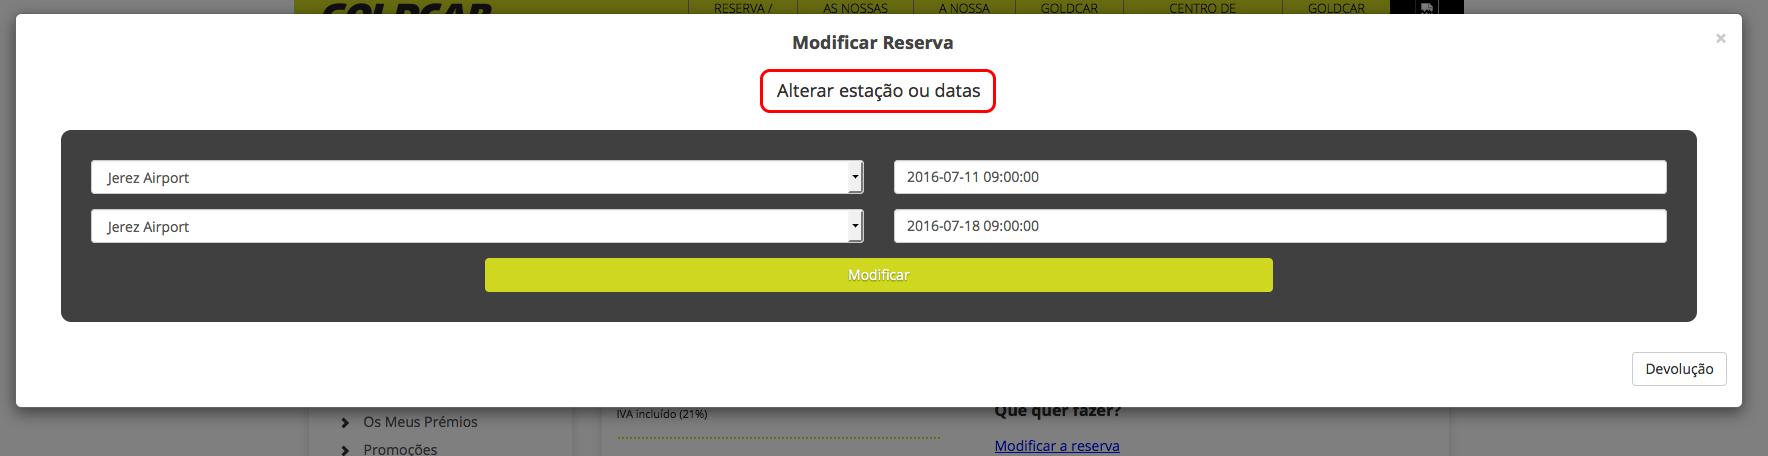 Como altero a minha reserva? (Mudar a data, mudar de veículo, adicionar ou remover extras...) (5)